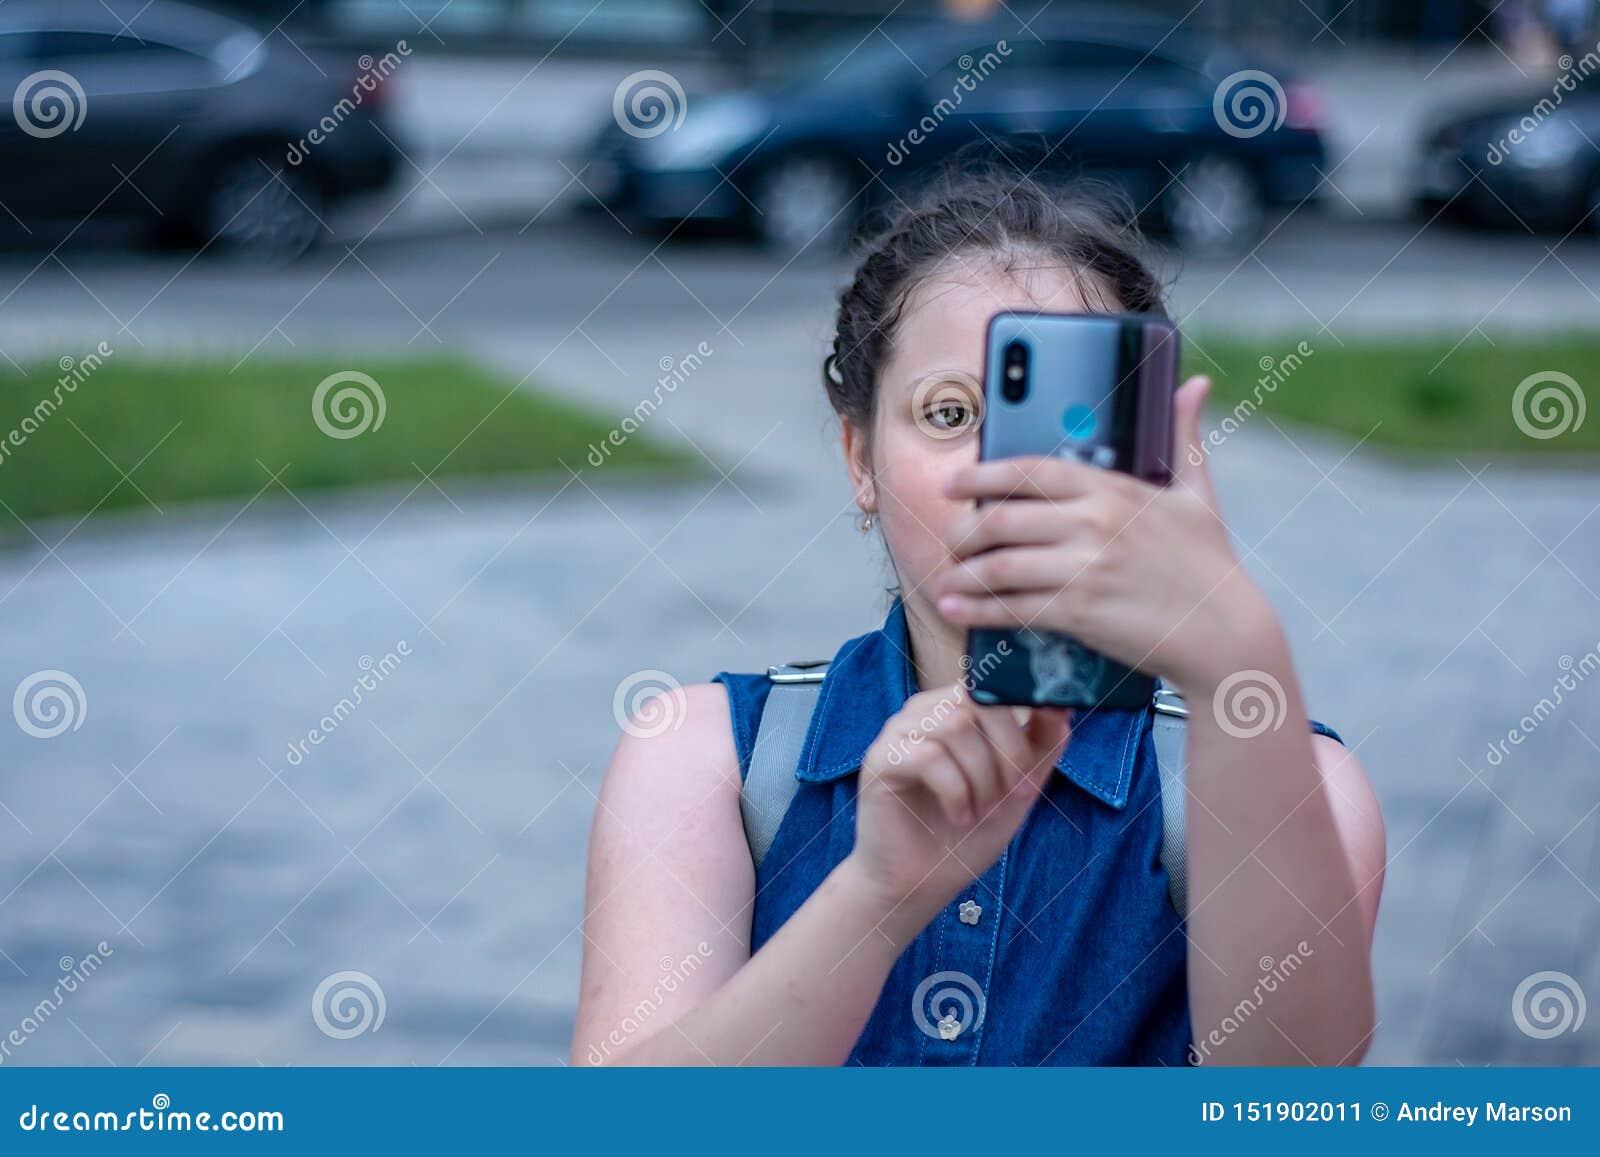 女孩在智能手机做照片 有智能手机的现代生活女孩